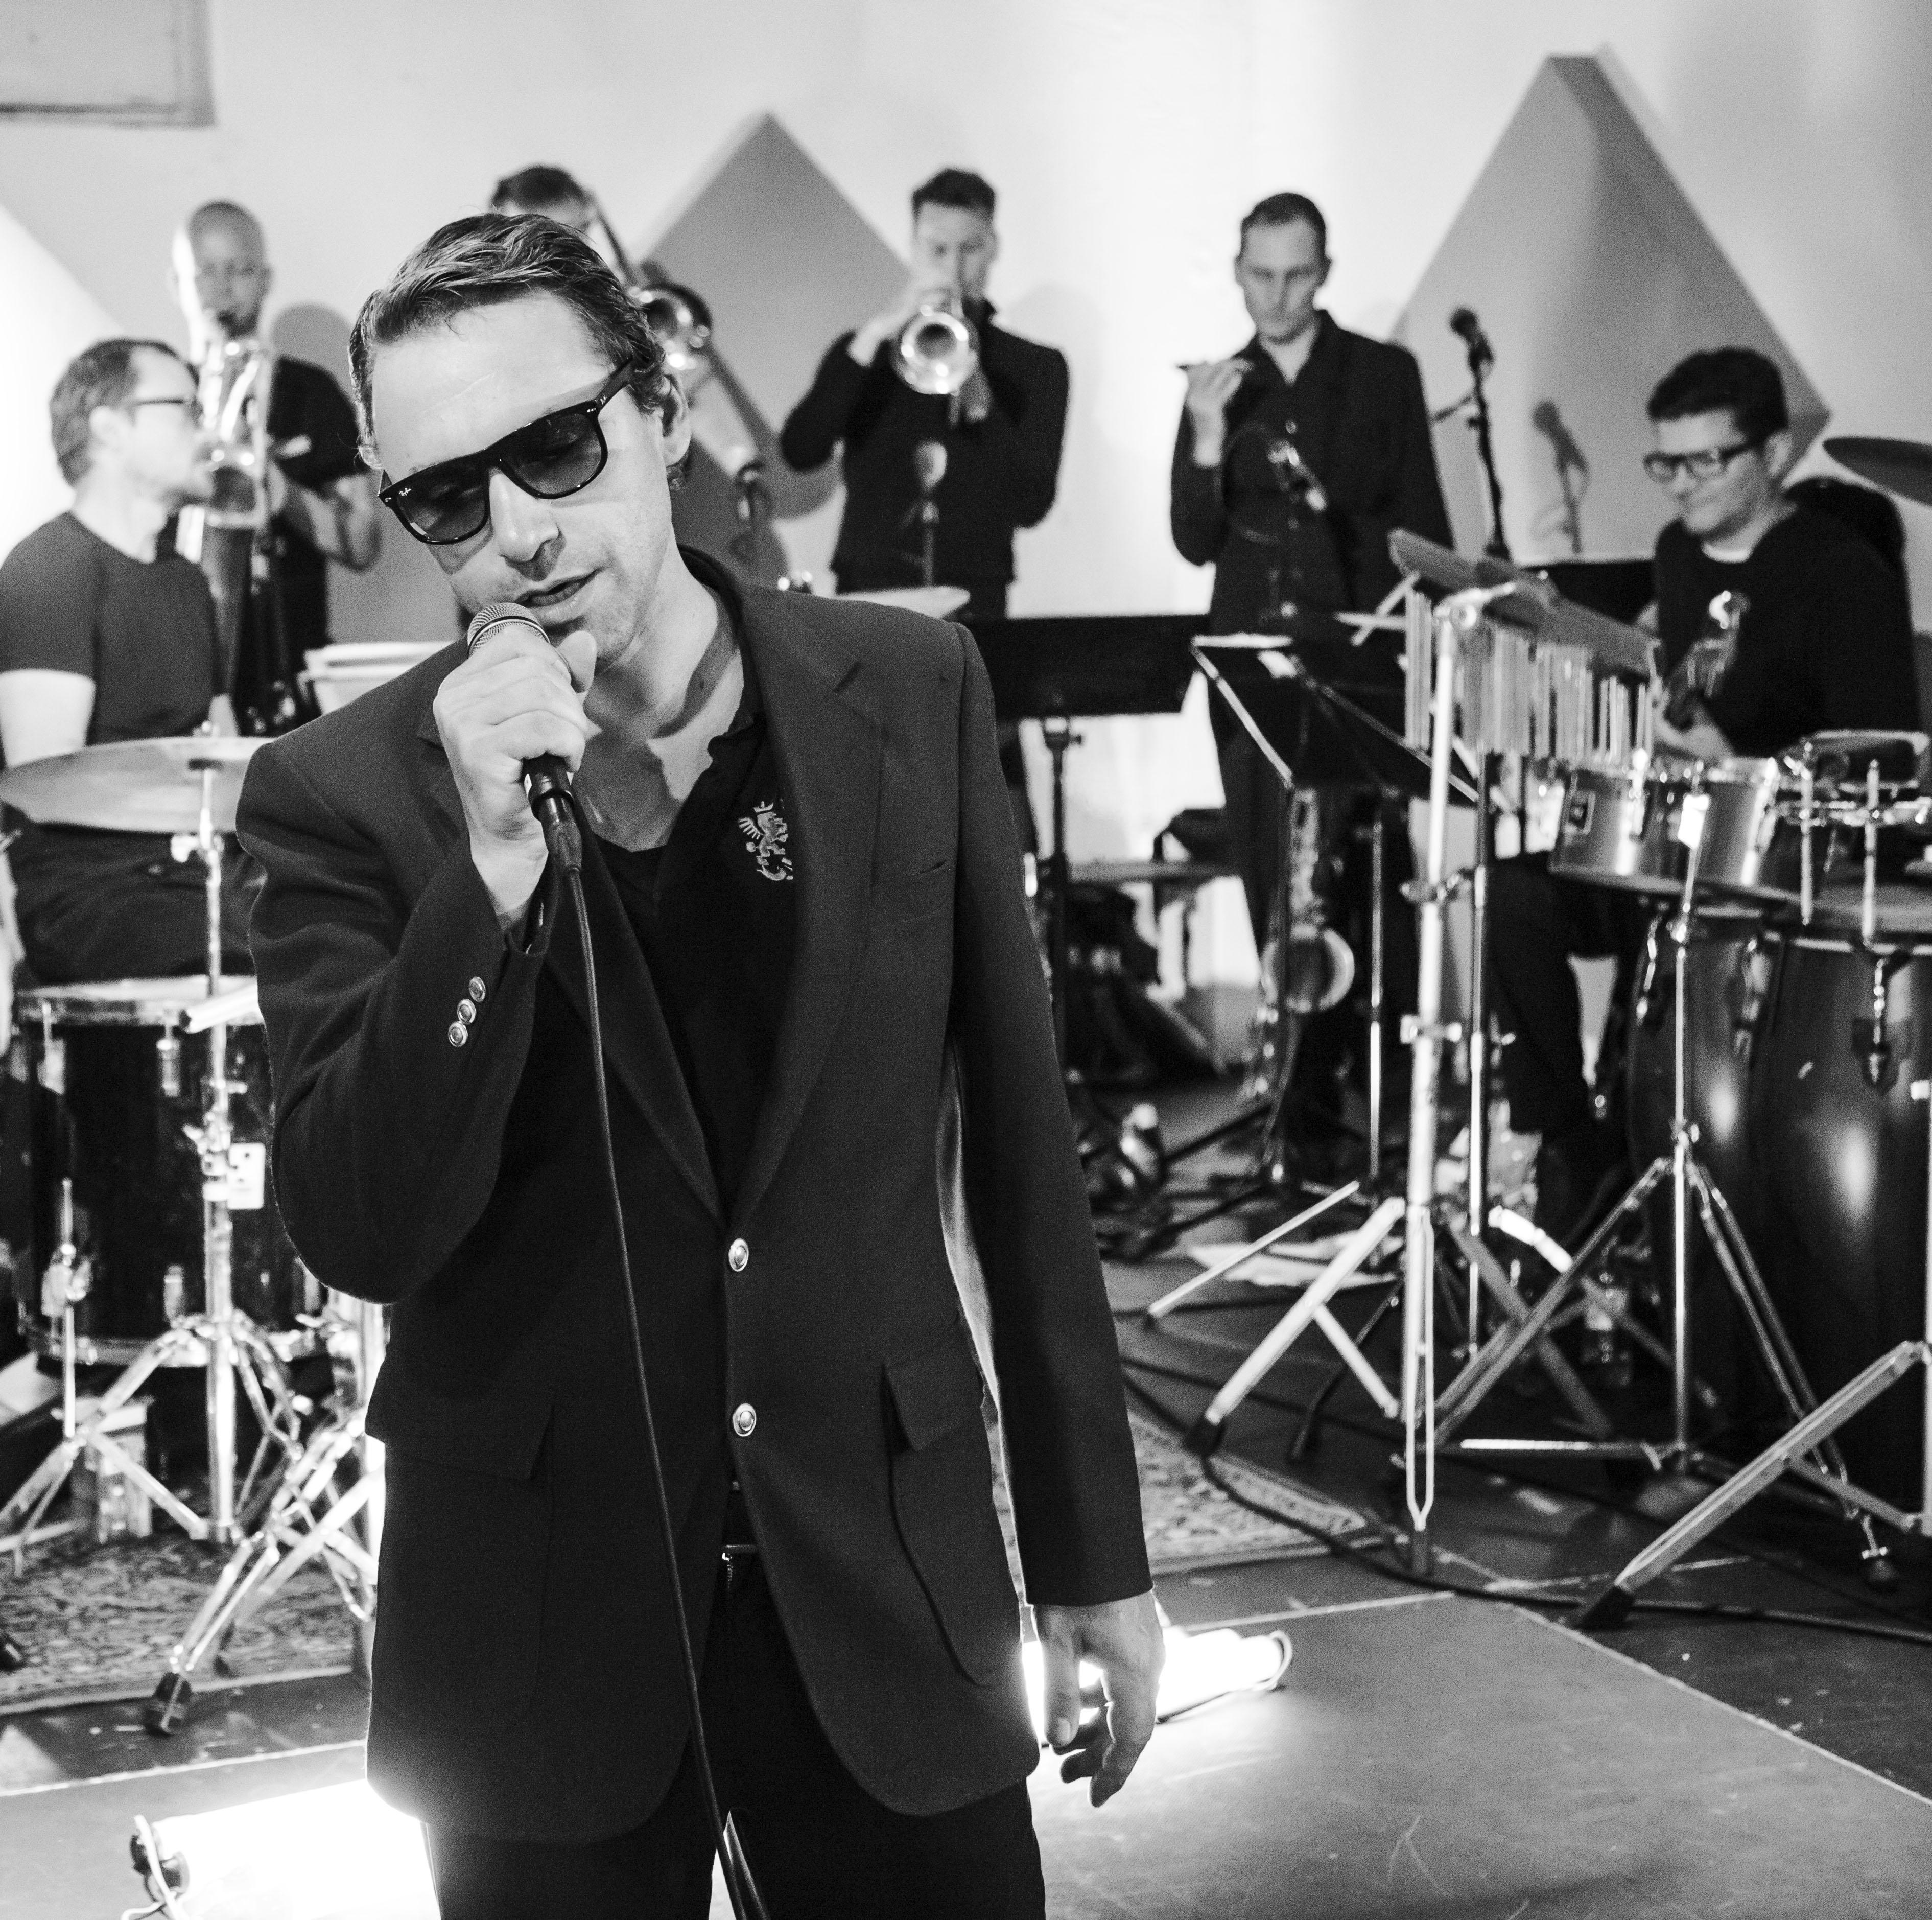 Rocko Schamoni, Entertainer, Musiker, Autor, Schauspieler, Clubbetreiber, festes Mitglied des Komik-Ensembles Studio Braun, Punk, Golden Pudel Club, Lesung, Buch, LOLA Kulturzentrum Bergedorf, Hamburg